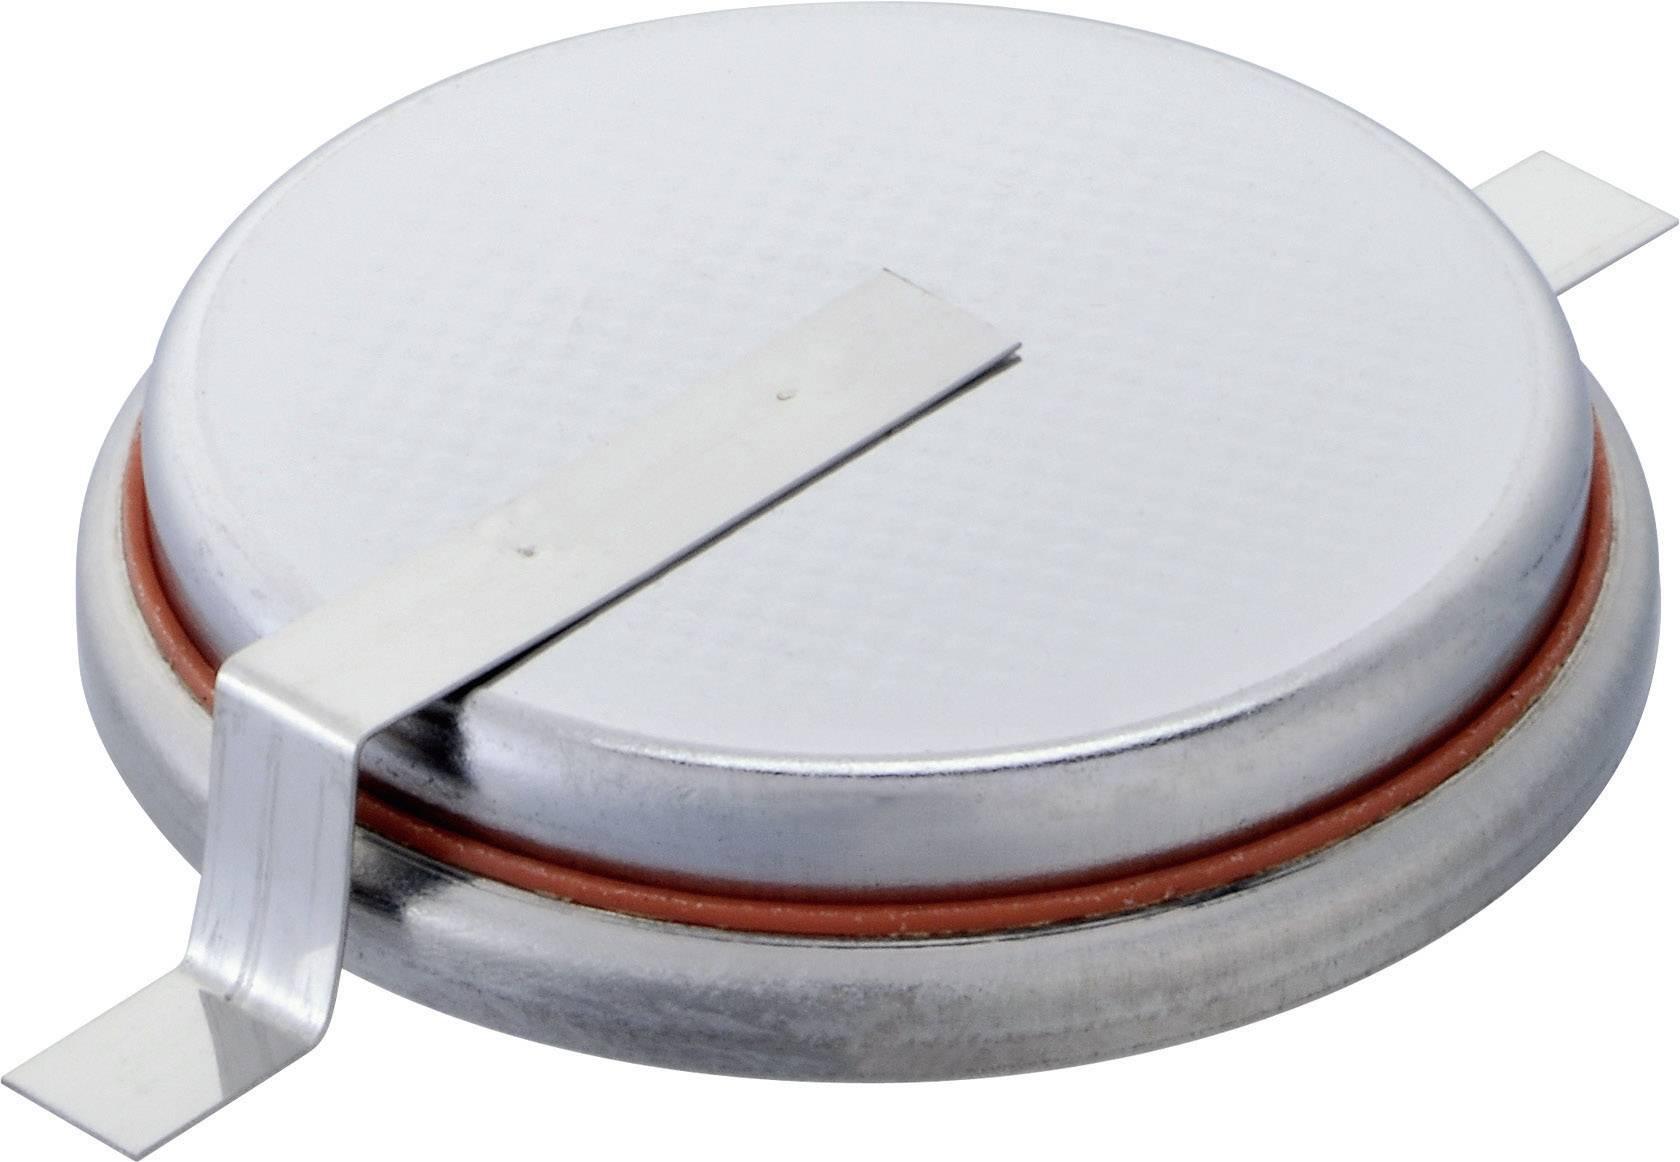 Gombíková batéria Renata CR2450N SM, so spájkovacími kontaktami